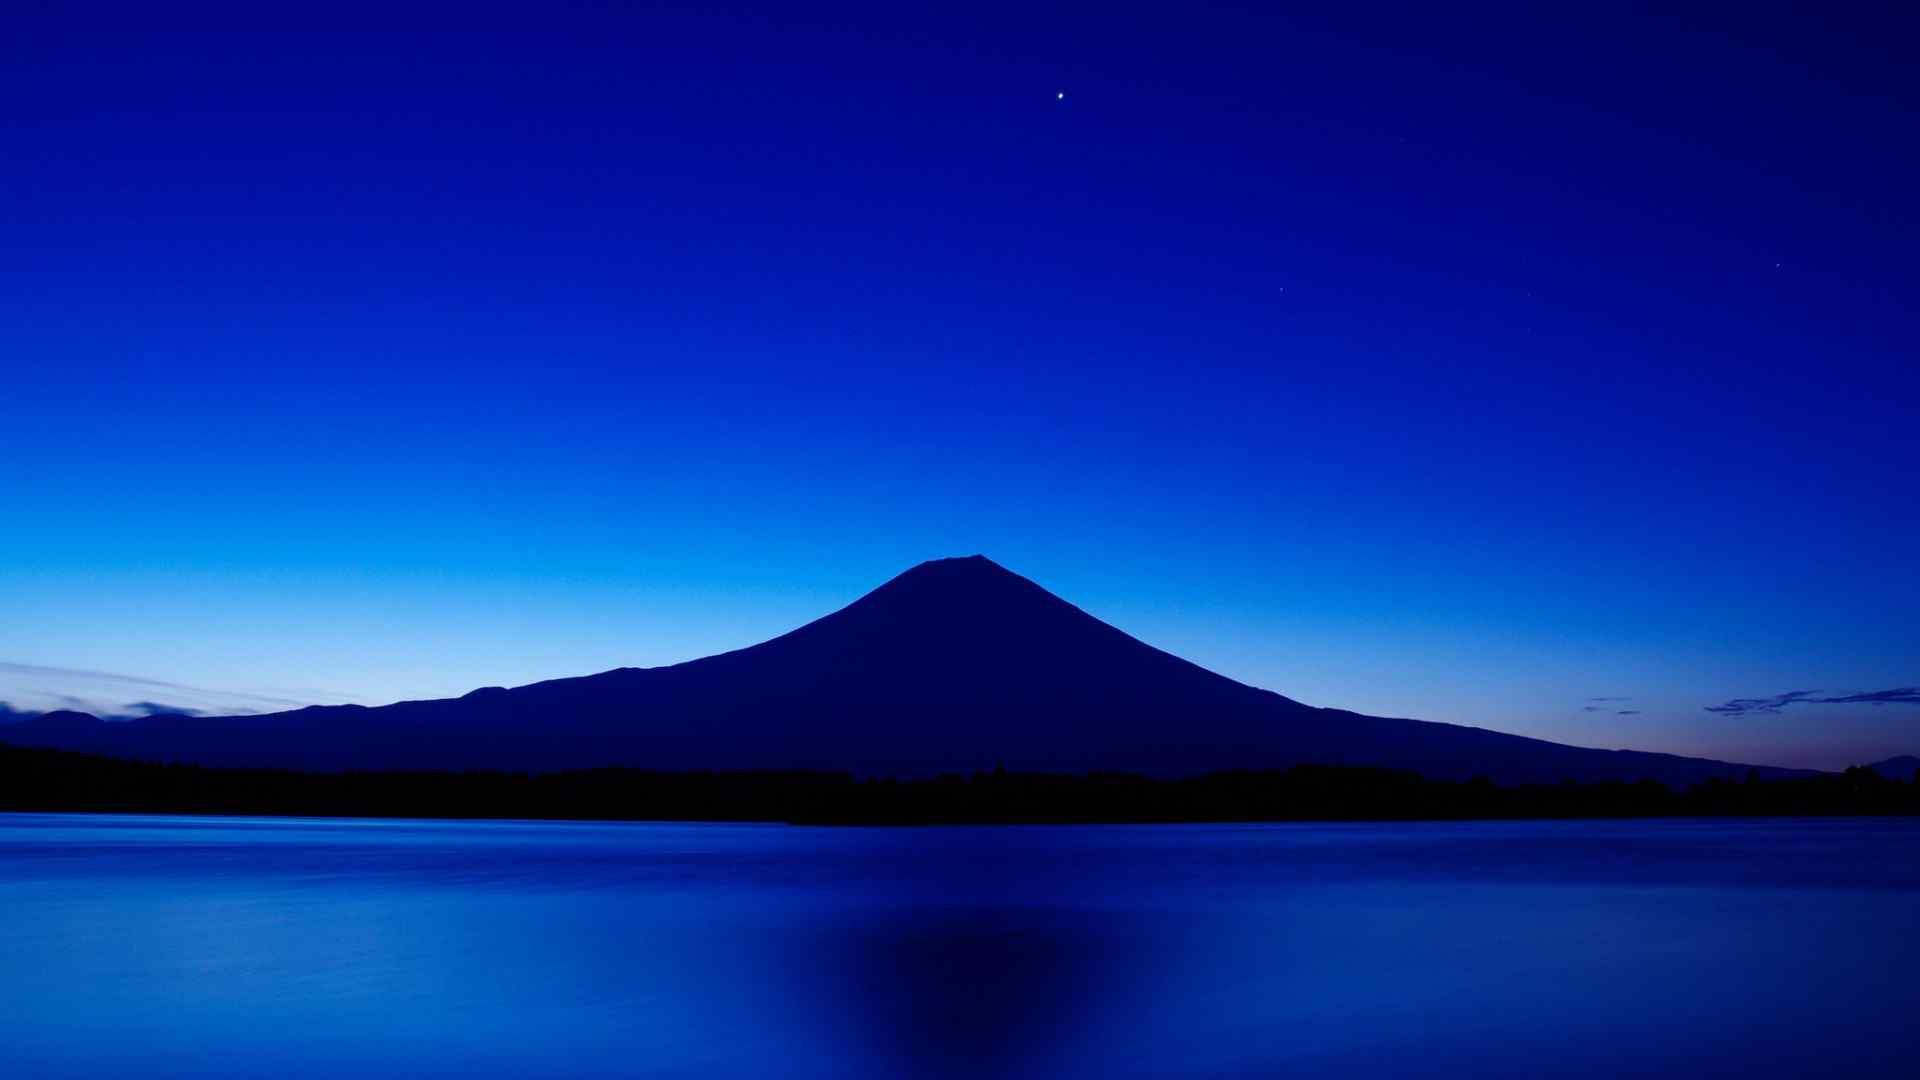 日本著名景点富士山唯美高清风景壁纸 富士山下